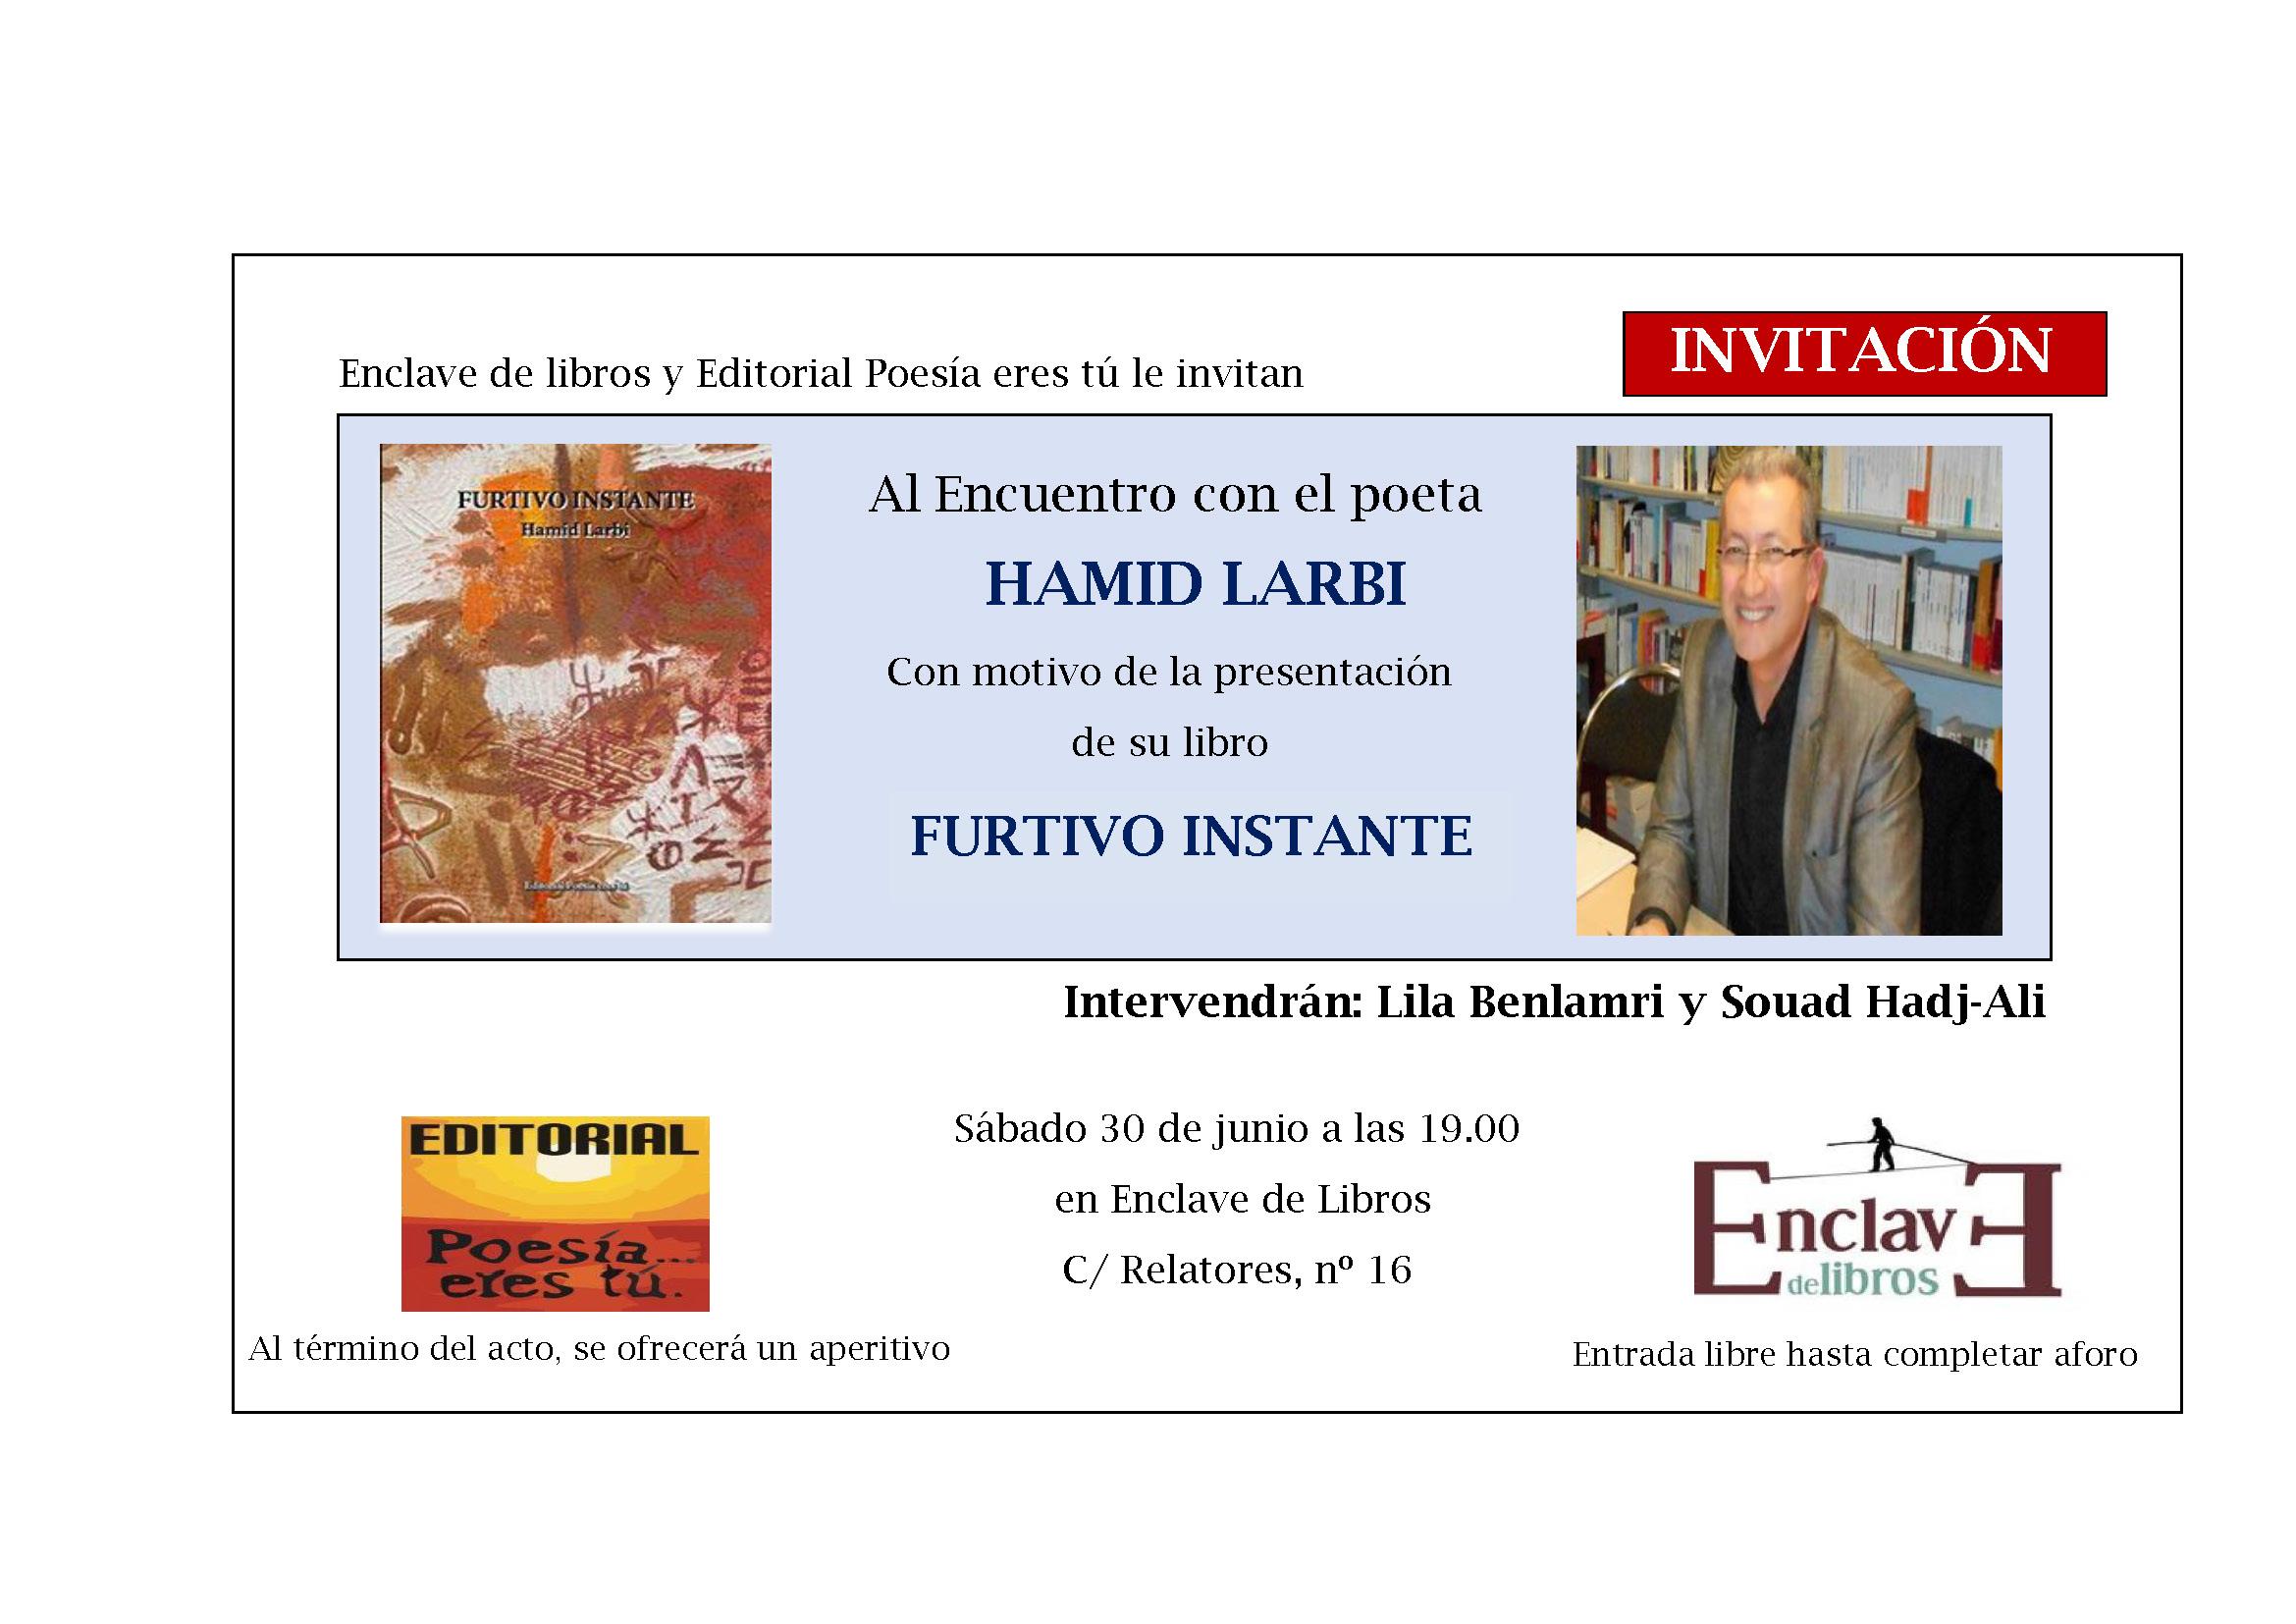 - INVITACION PRESENTACION FUERTIVO INSTANTE - PRESENTACIÓN DE FURTIVO INSTANTE. 30 de Junio de 2018 a las 19h. Librería Enclave de libros.